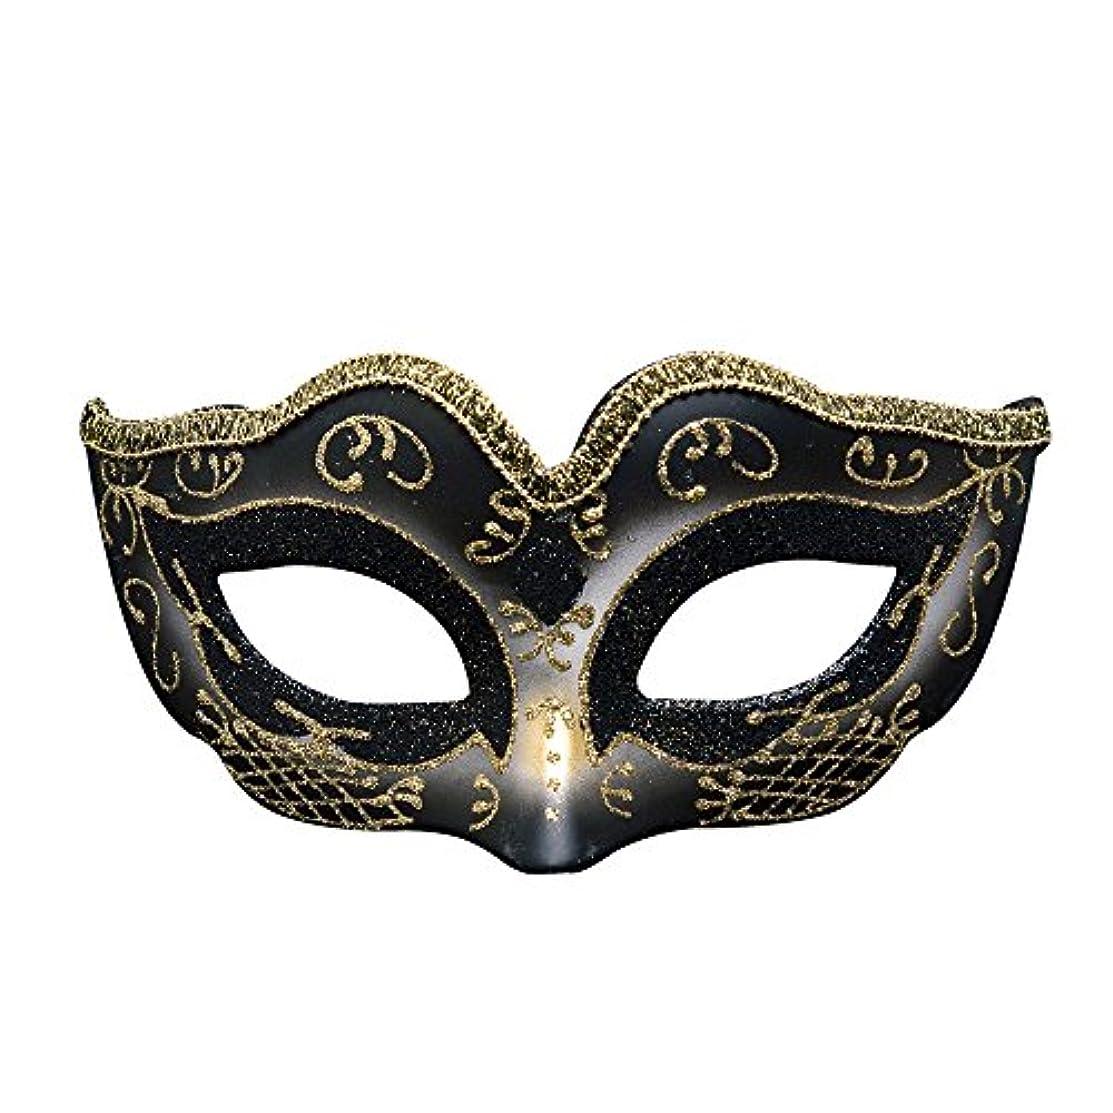 小学生無傷差別的クリエイティブキッズマスカレードパーティーハロウィンマスククリスマス雰囲気マスク (Color : #3)